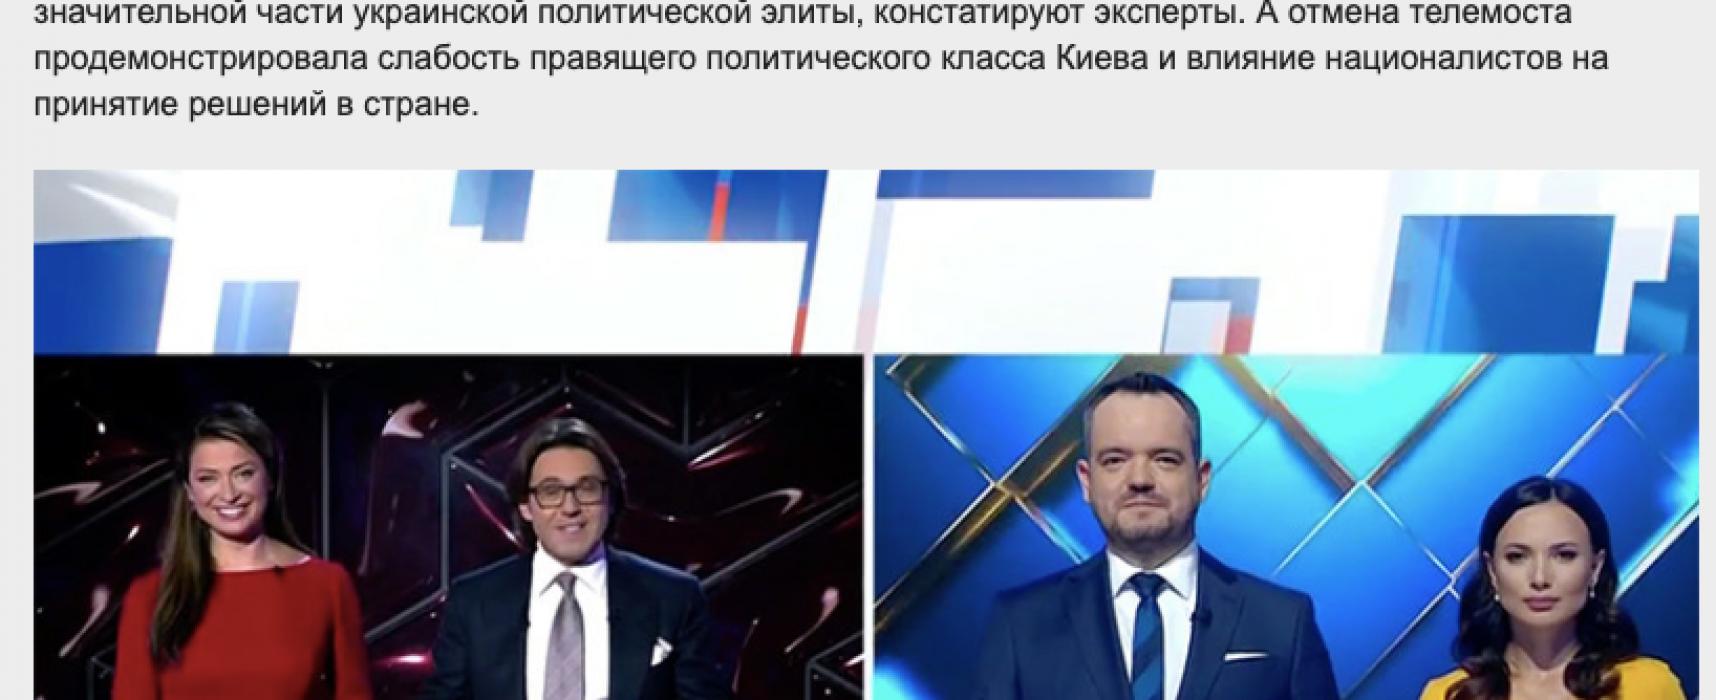 Фейк: Националисты диктуют правила всей Украине и отменили телемост